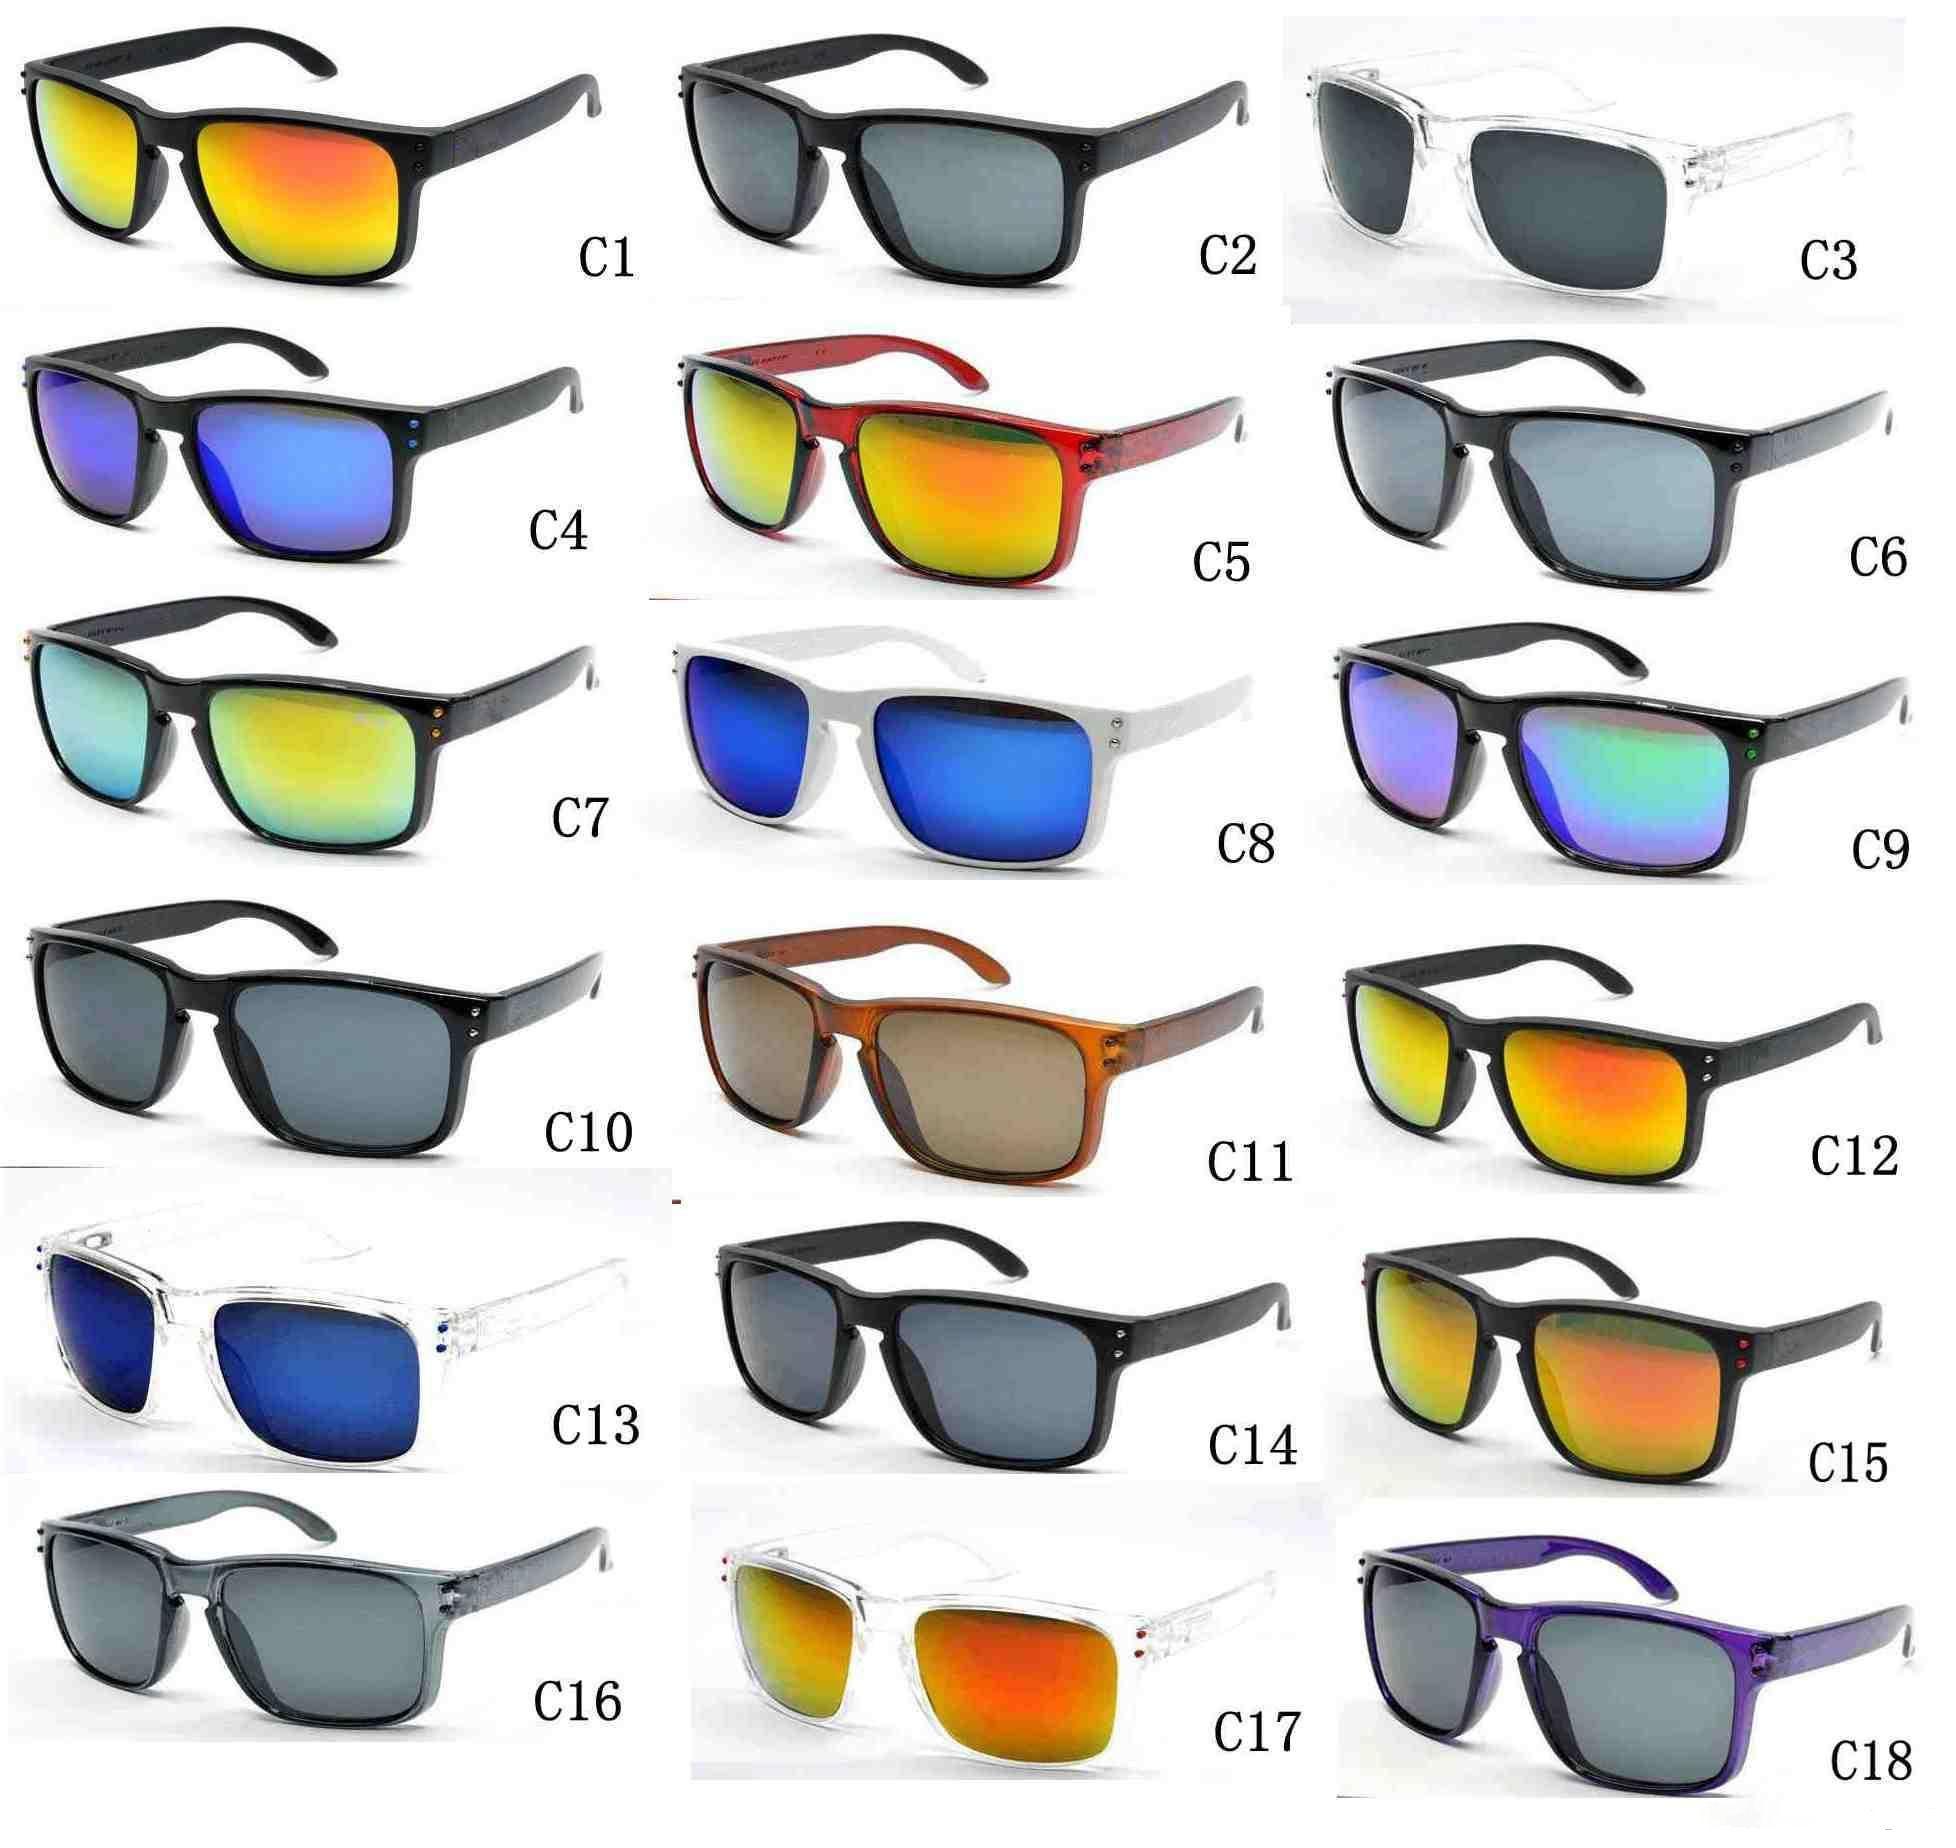 Melhor venda quente logotipo da marca 9102 não polarizada uv400 óculos de sol dos homens das mulheres do esporte óculos de ciclismo eyewear óculos óculos 18 opções de cores